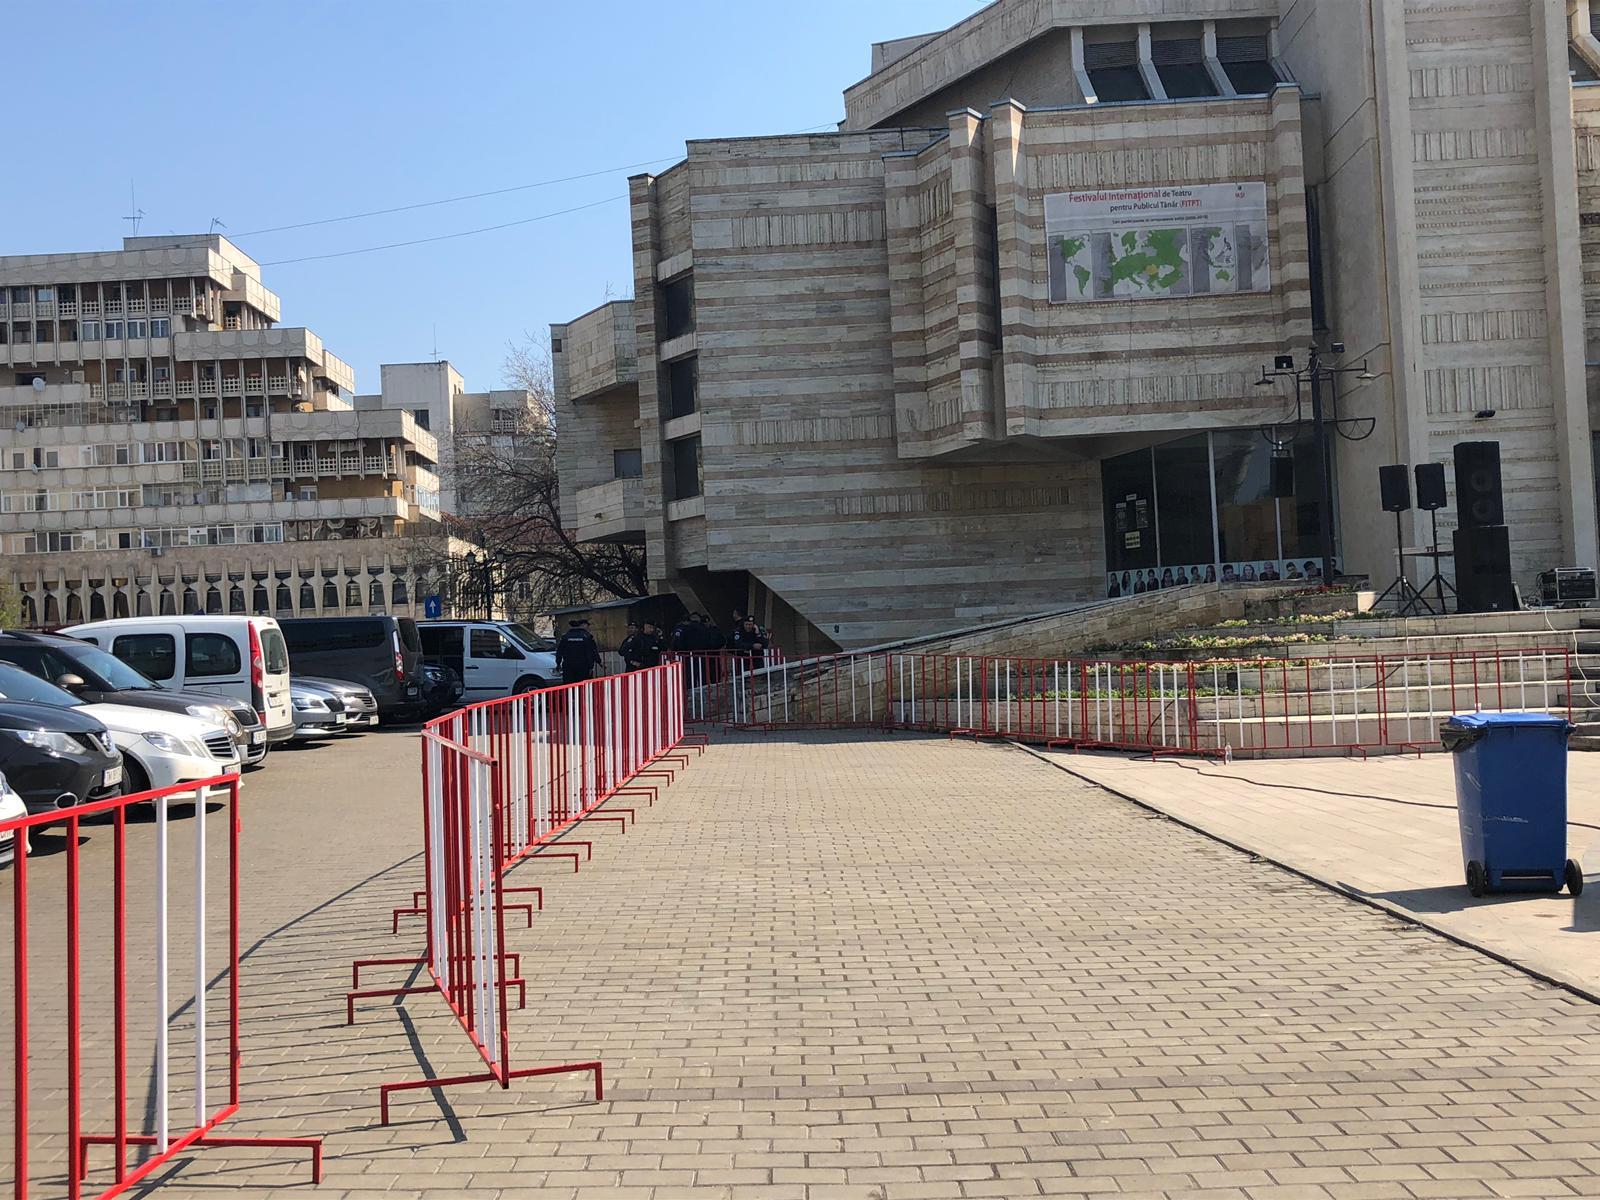 Garduri de protectie si jandarmi pentru Liviu Dragnea la Iasi, dupa incidentele de la Suceava si Botosani